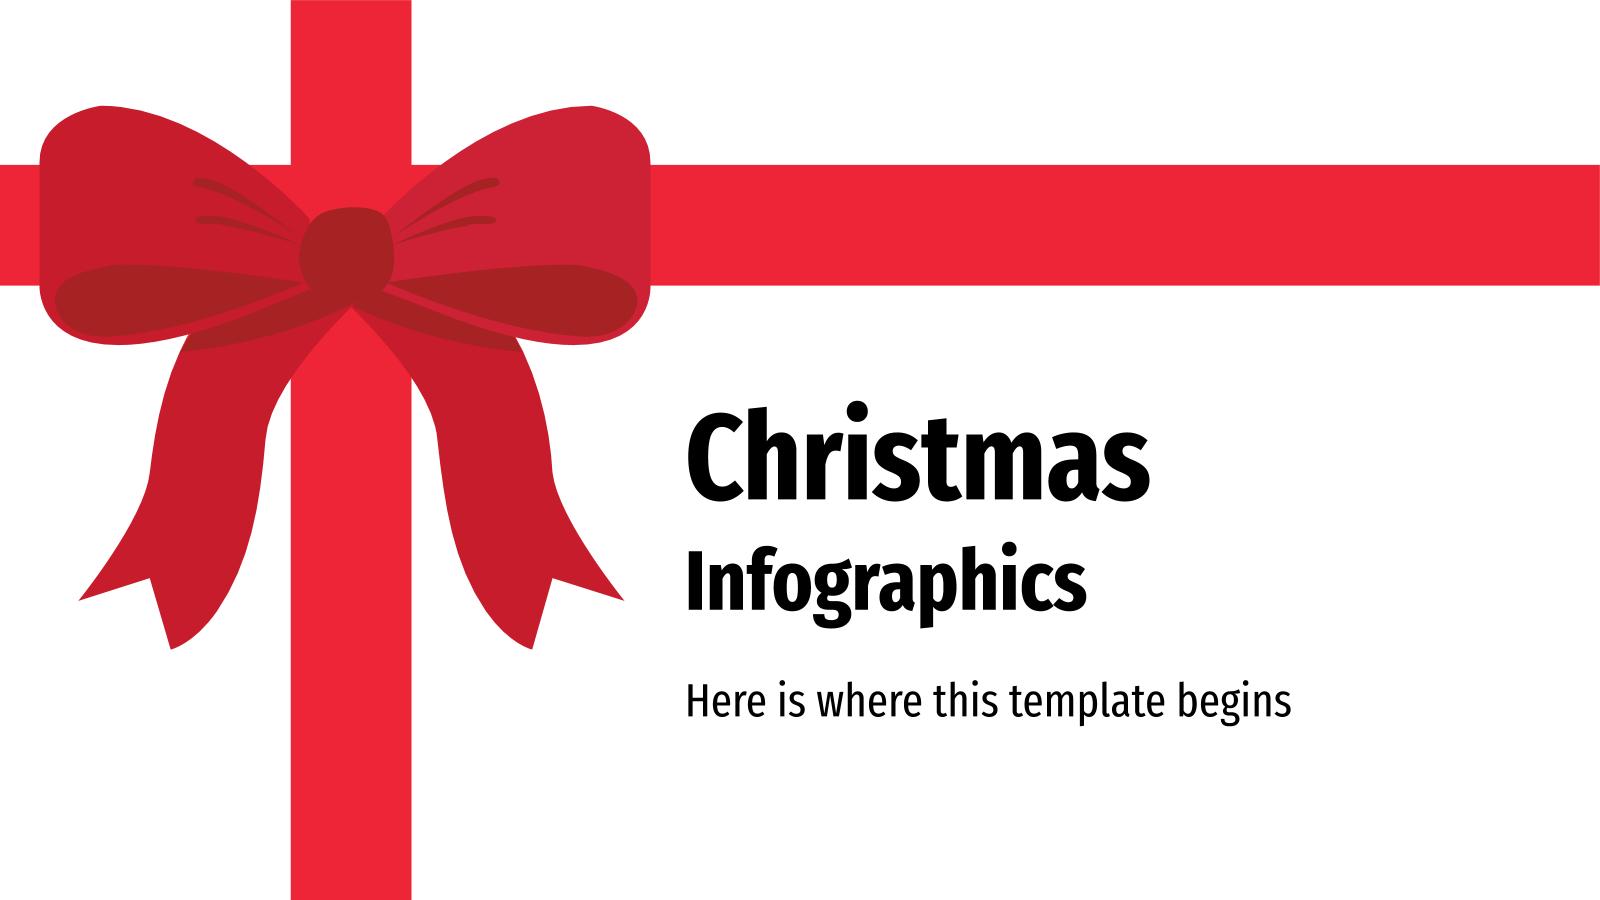 Christmas Infographics presentation template